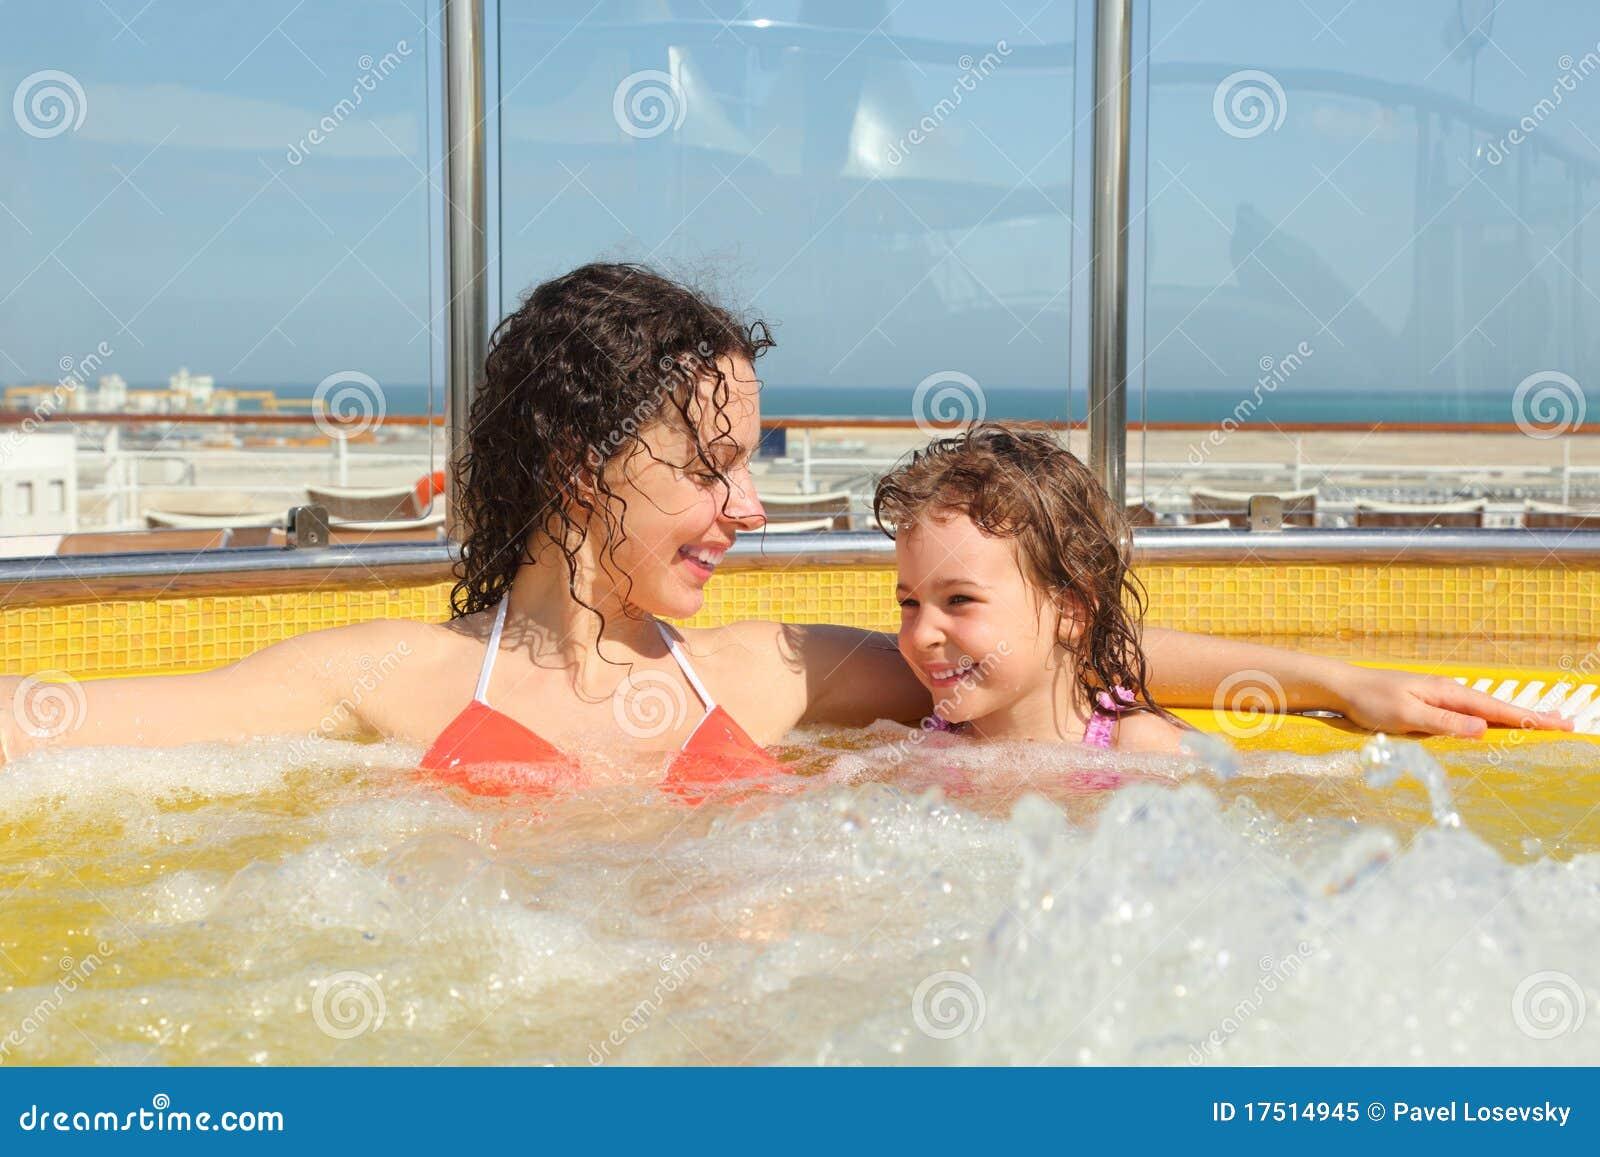 С дочкой в джакузи 2 фотография